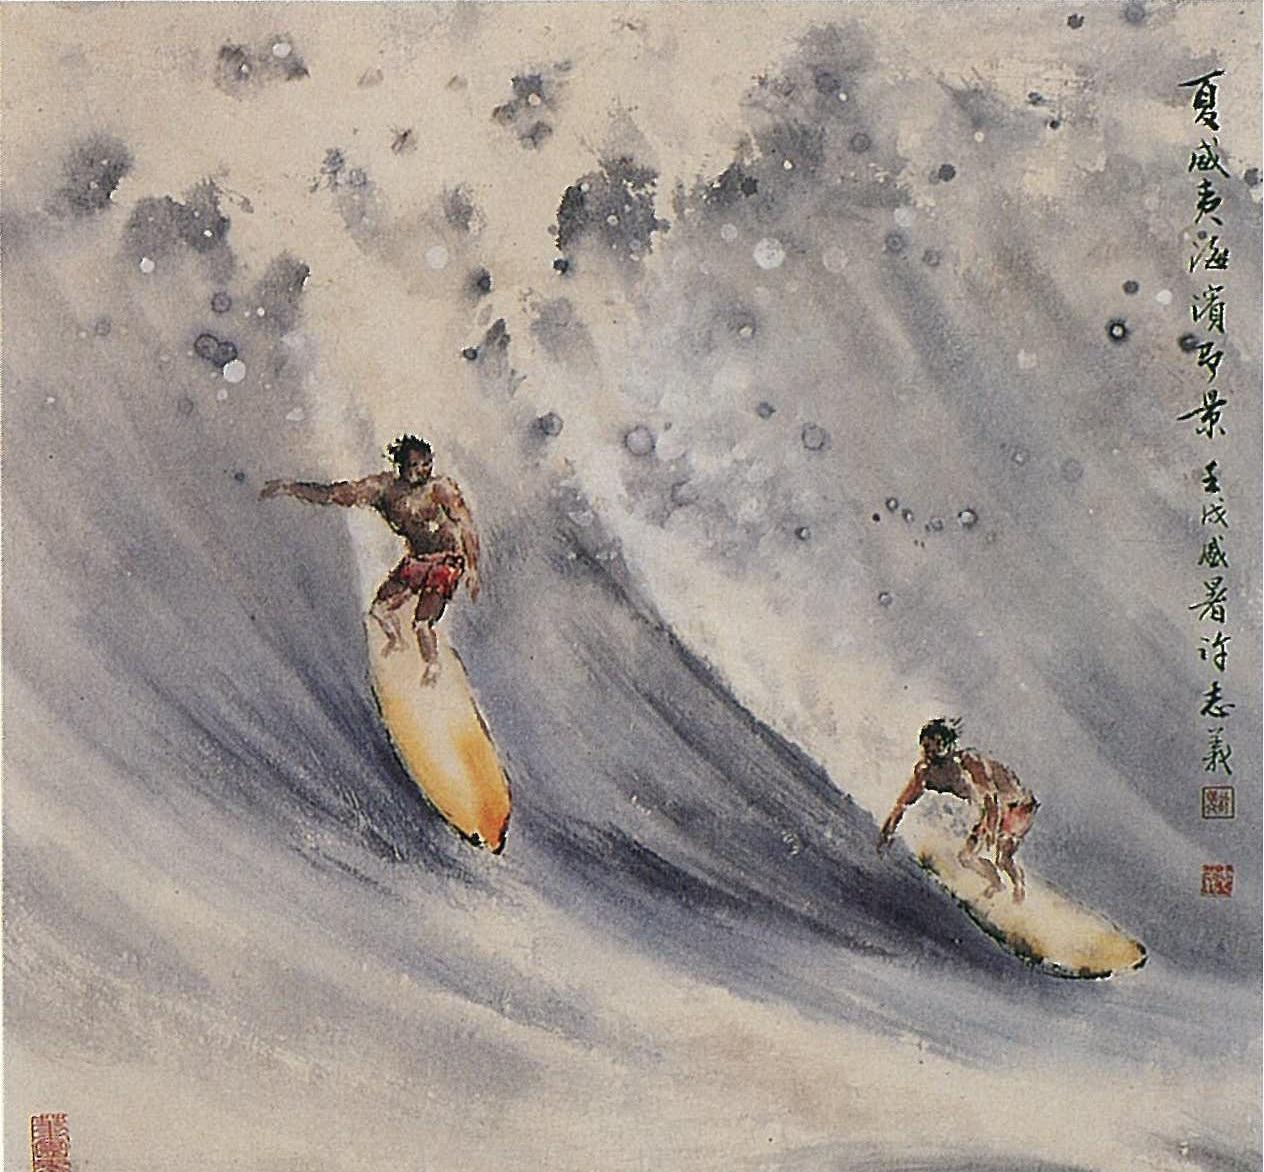 《衝浪》 許志義1982年作於夏威夷